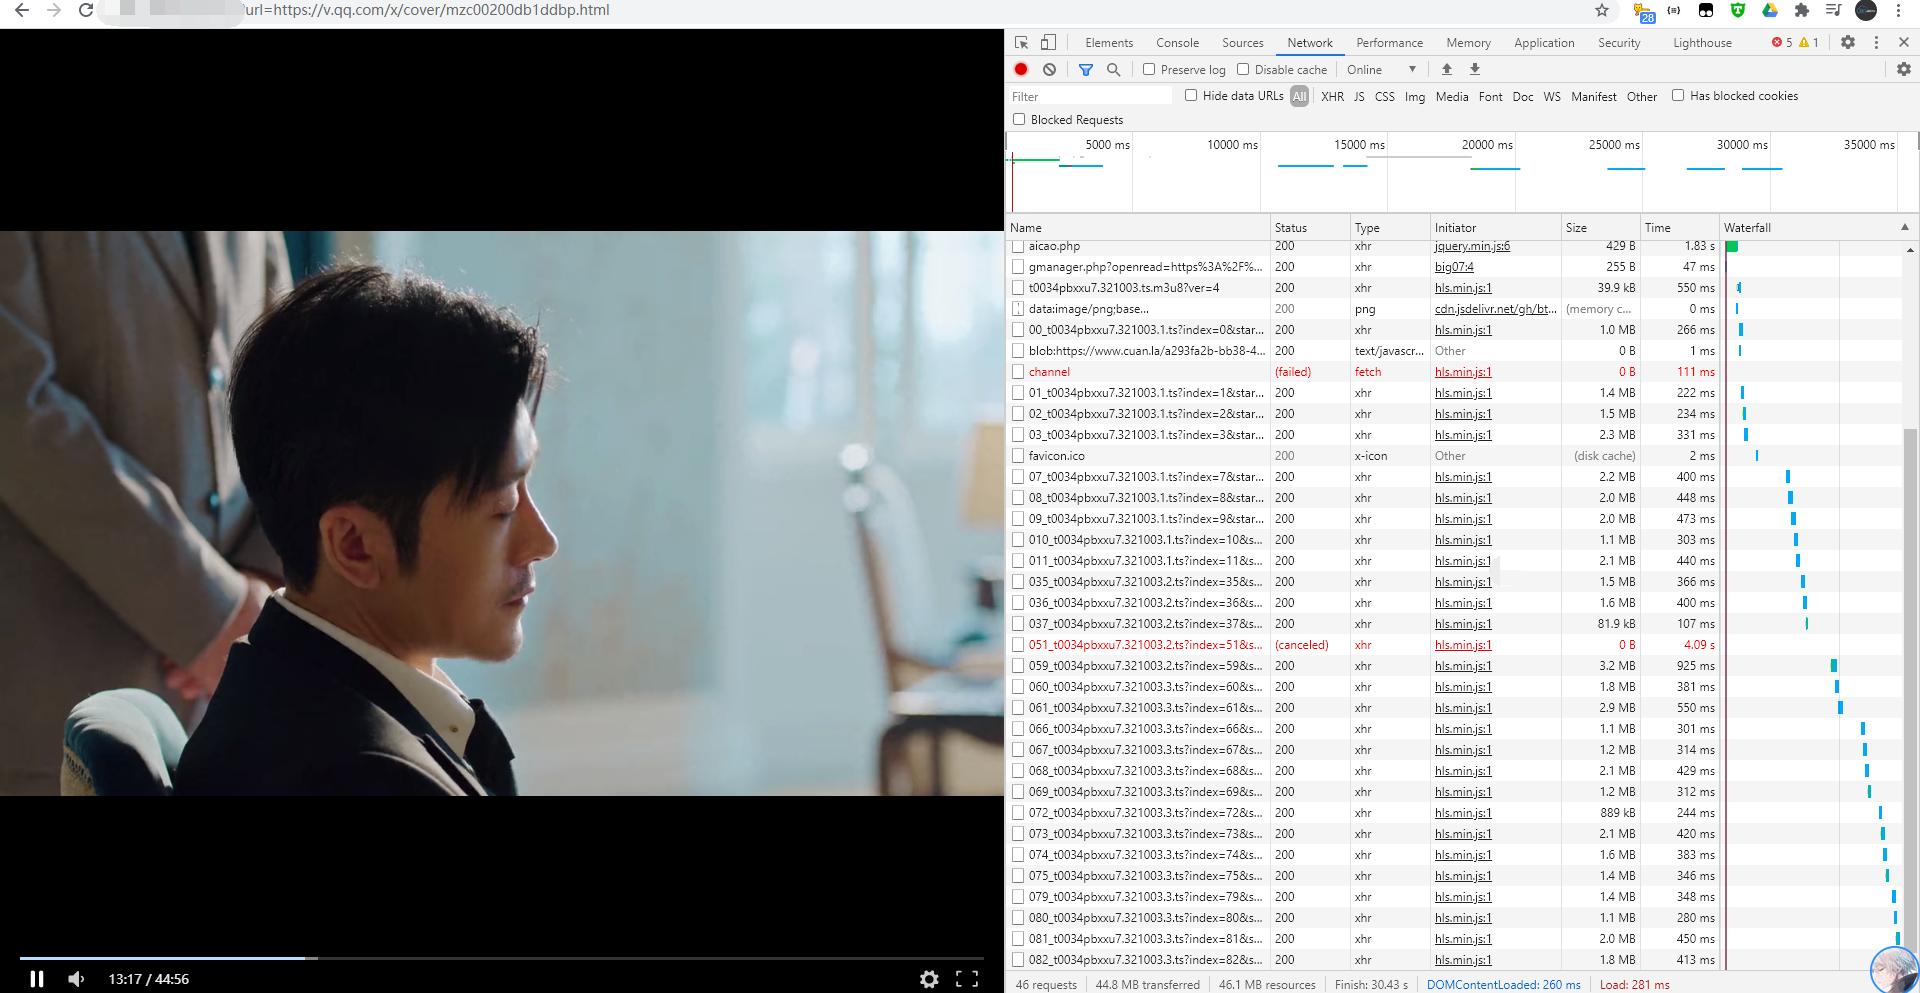 VIP视频一次解析源码+会员解析客户端,价值几万元